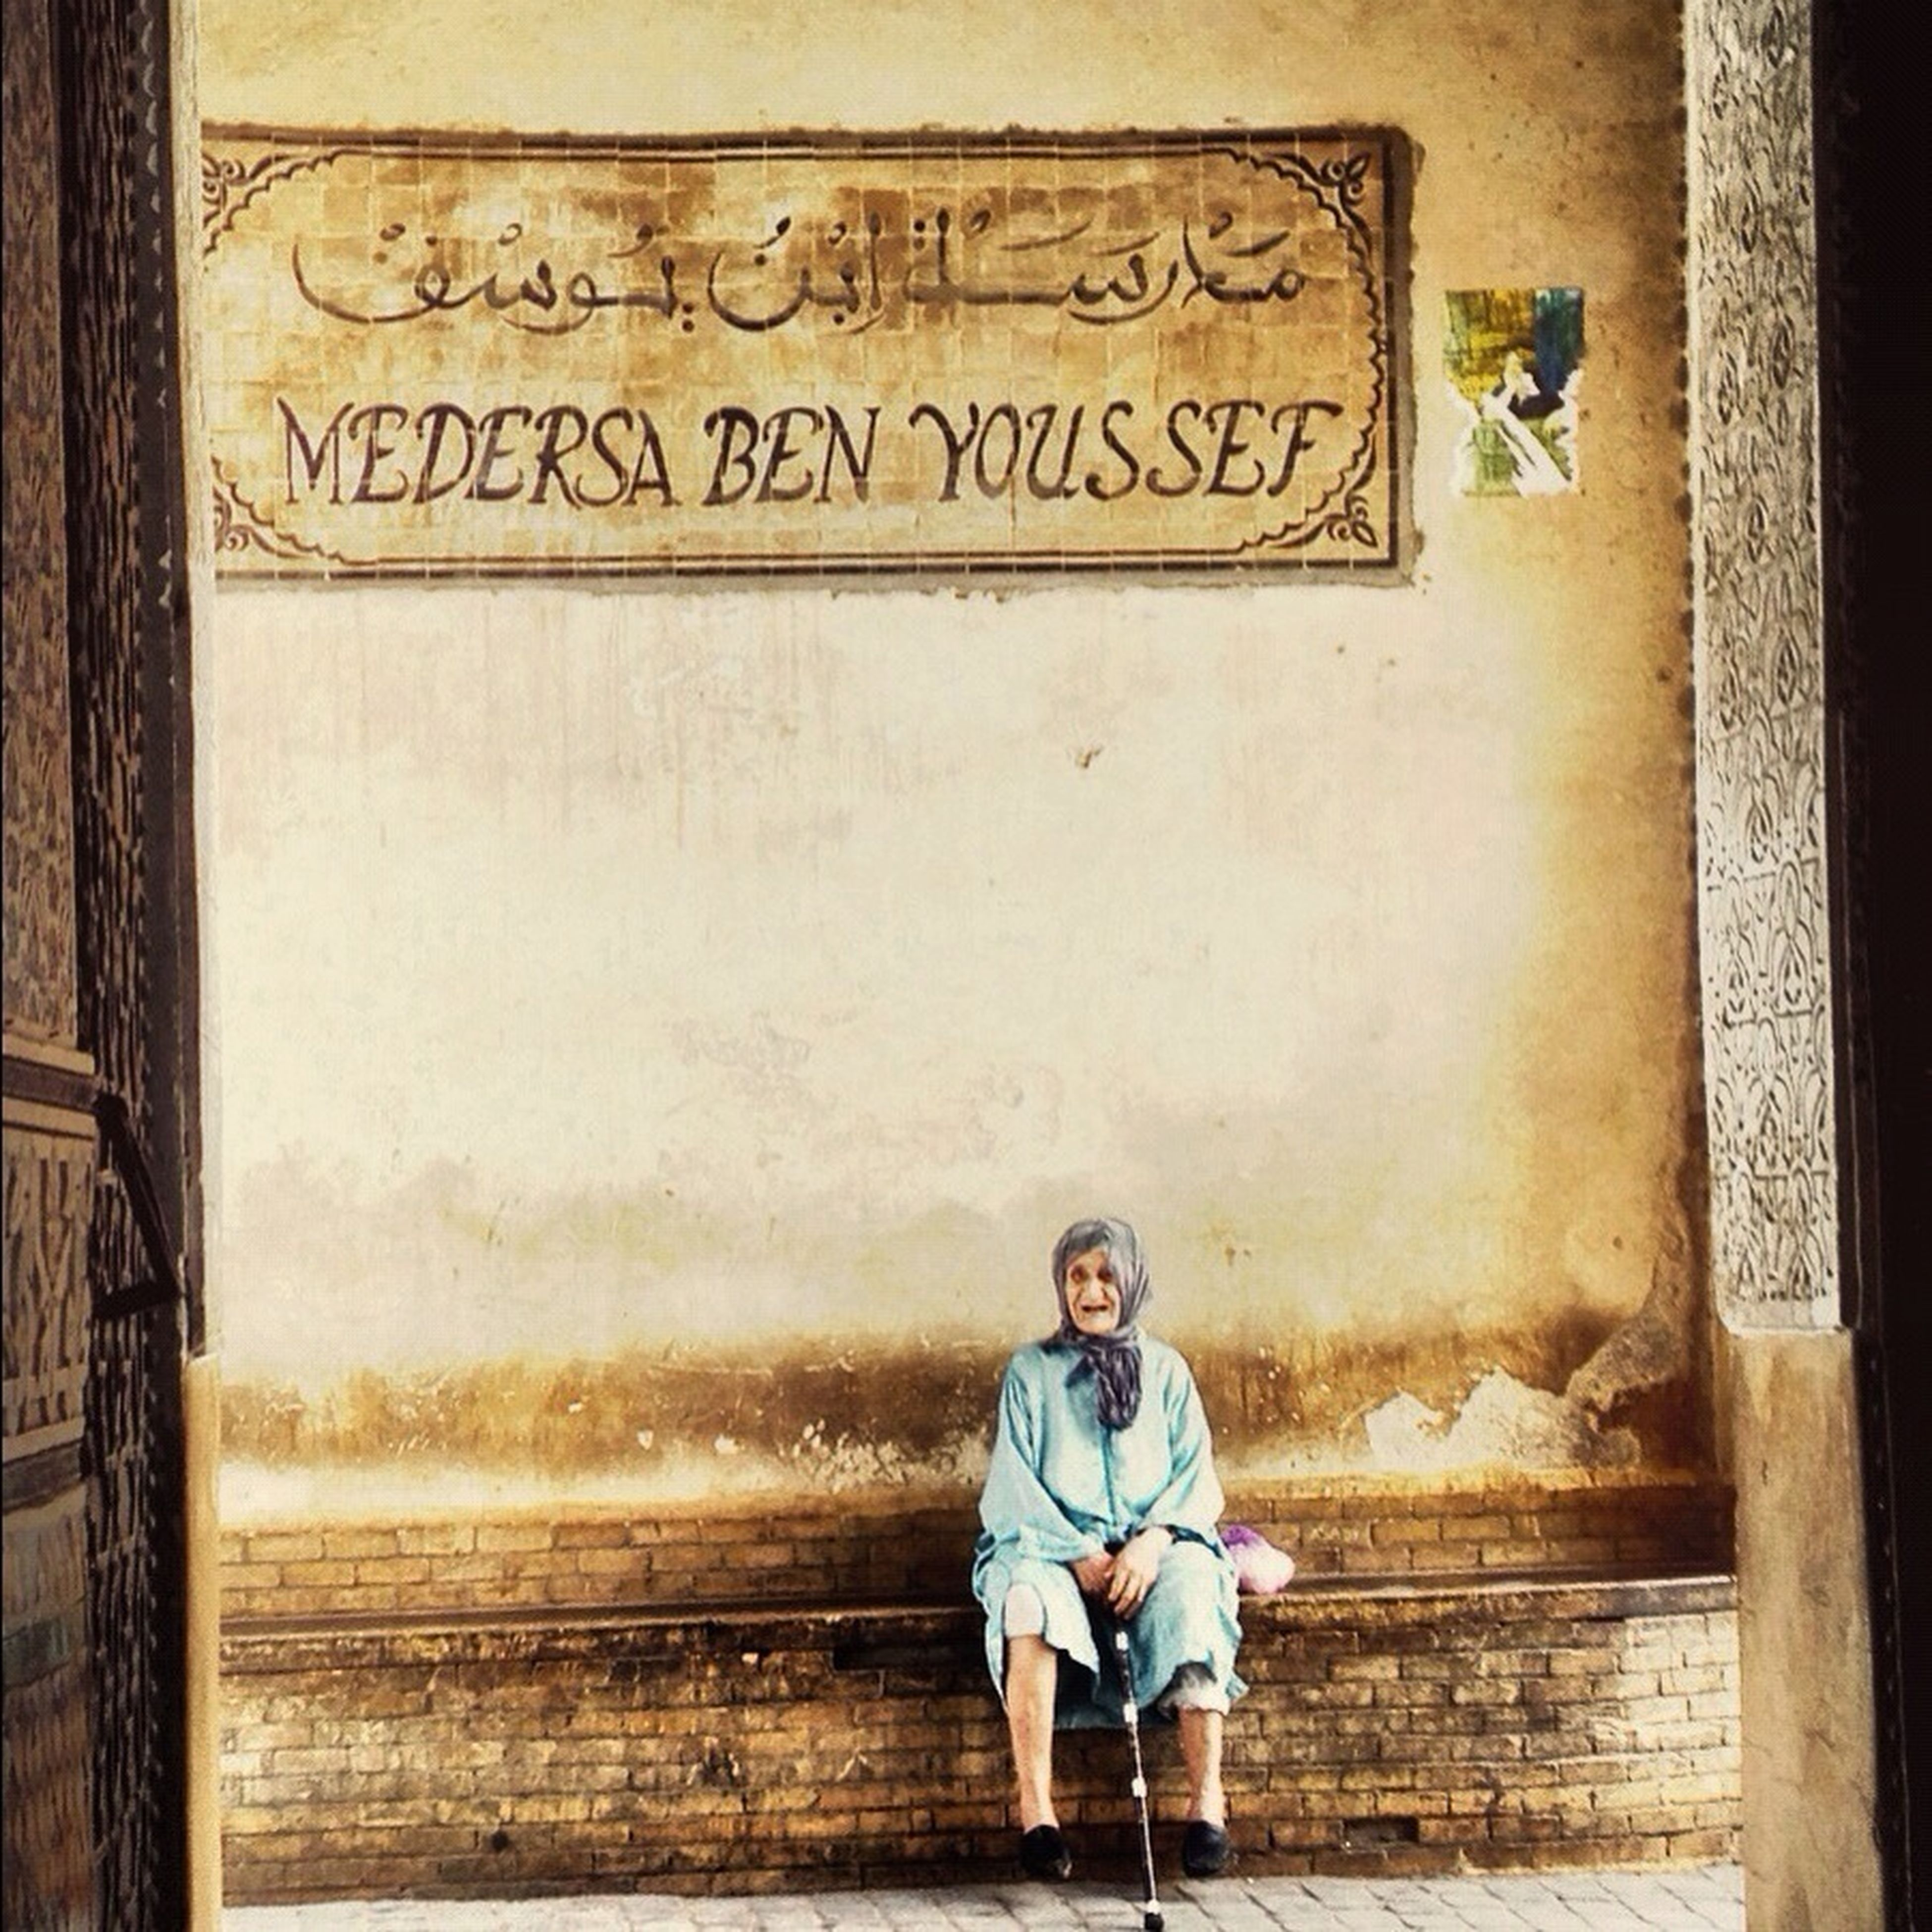 Street Life Marruecos Madraza Ben Youssef